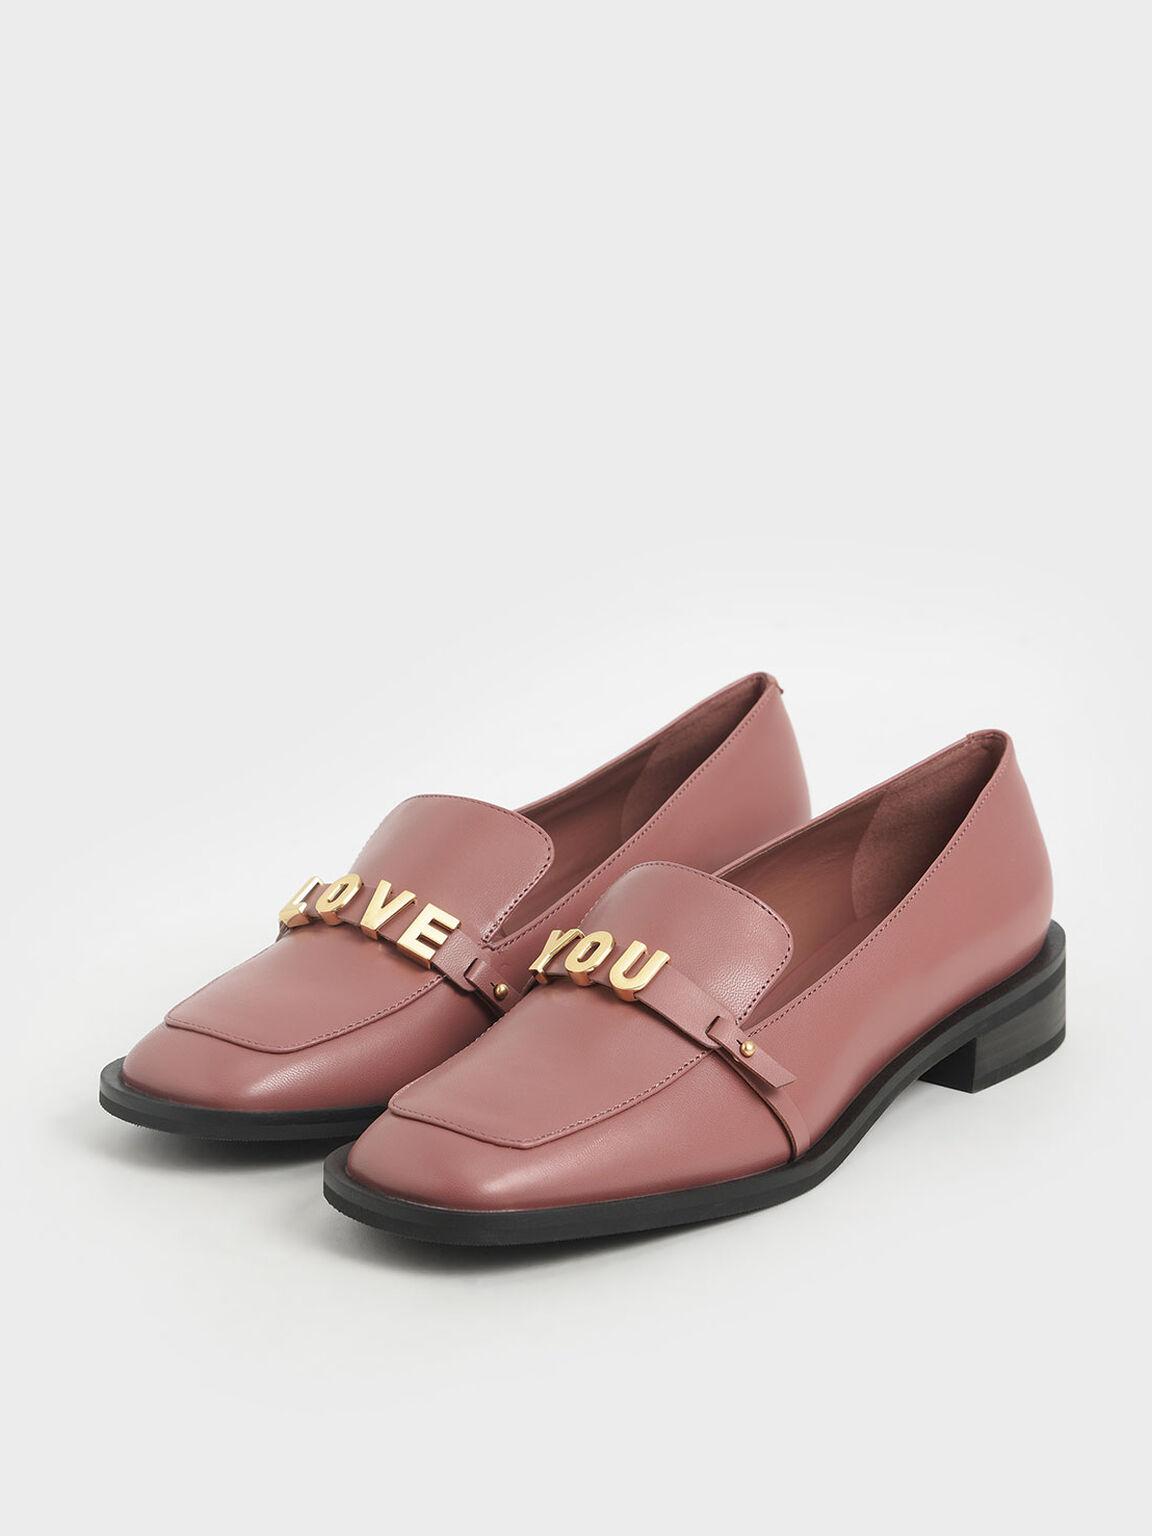 'Love You' Loafer Flats, Pink, hi-res